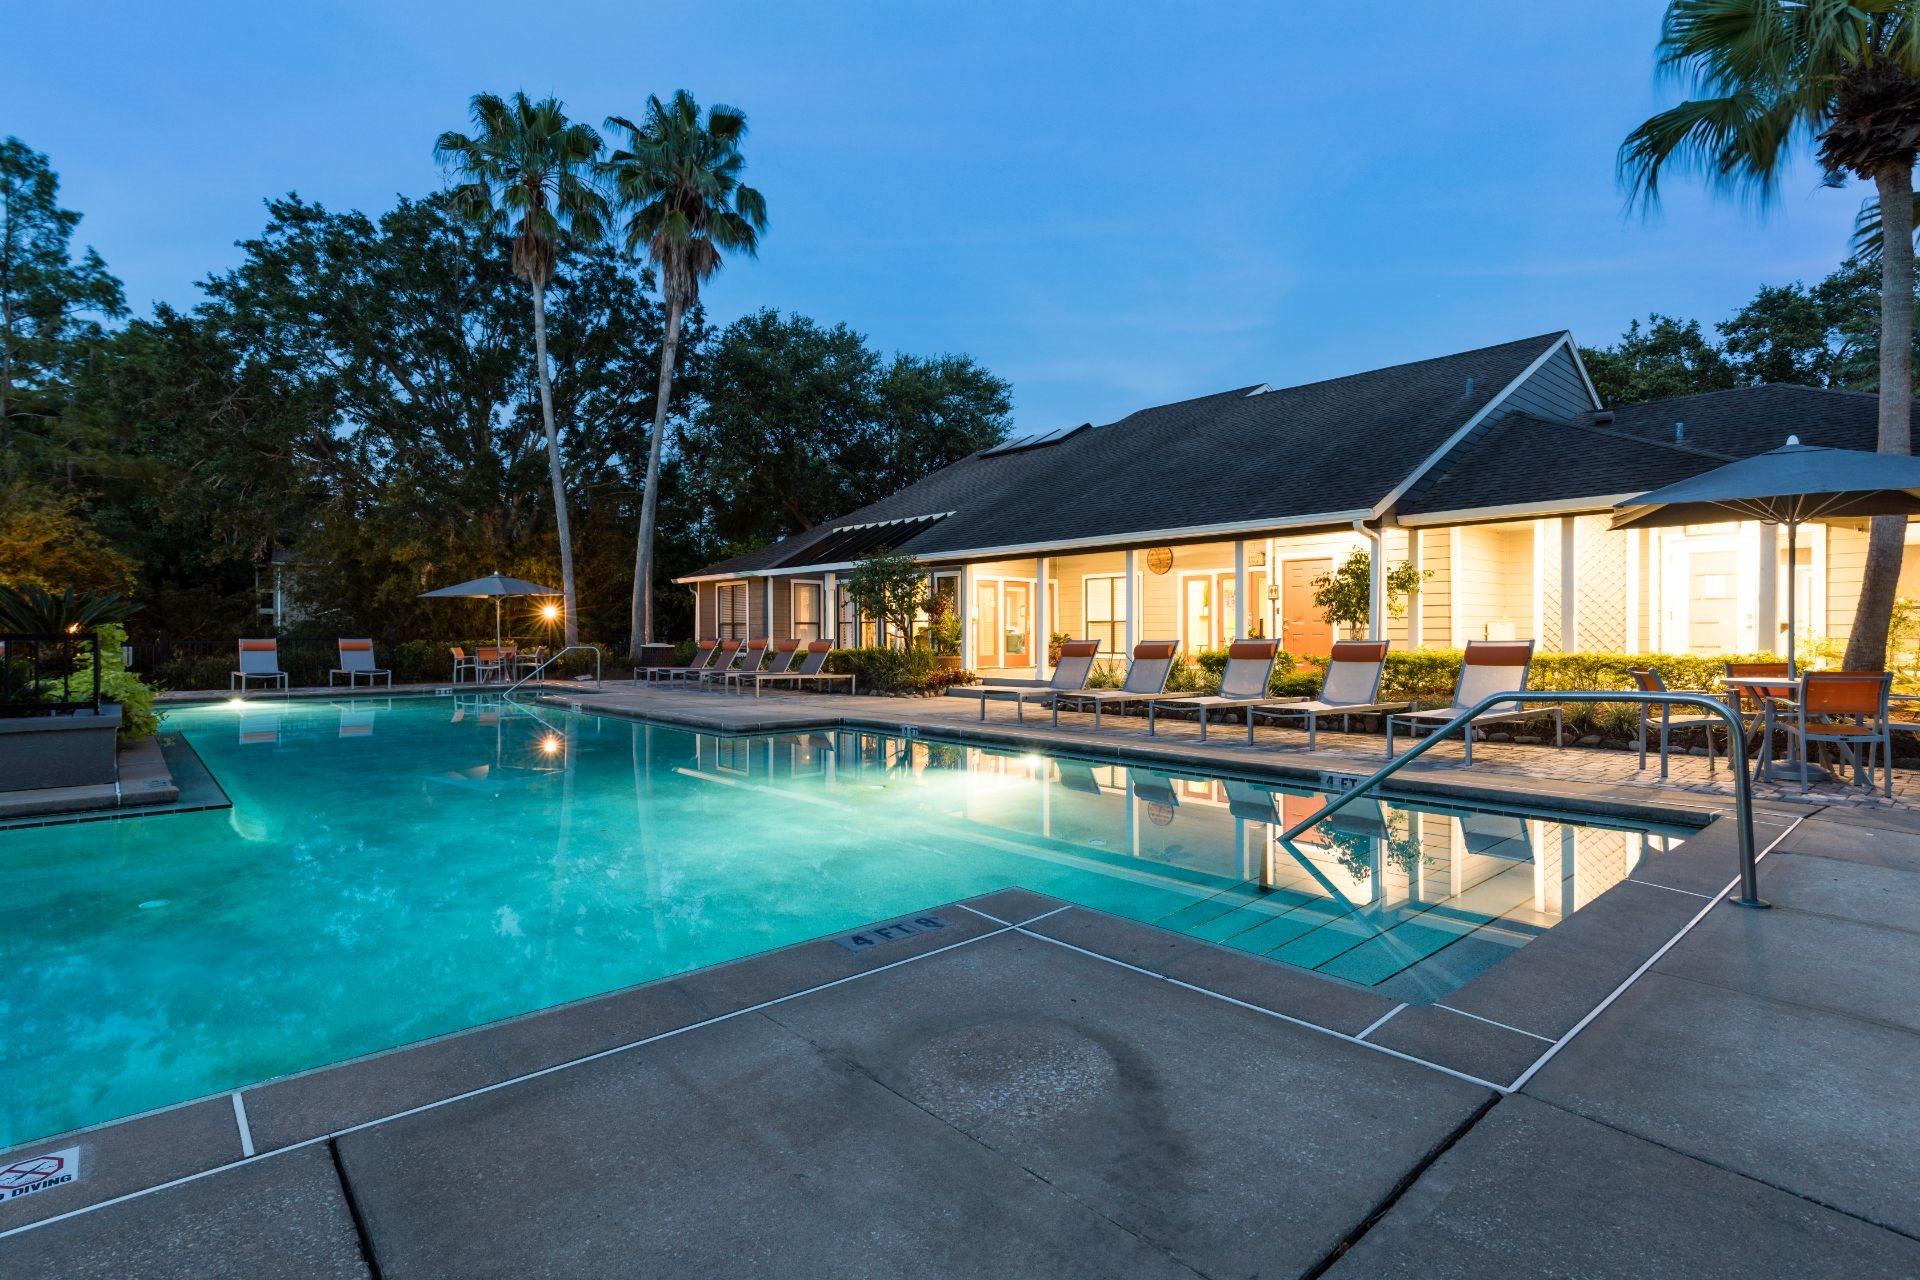 at Fountains at Lee Vista, Florida